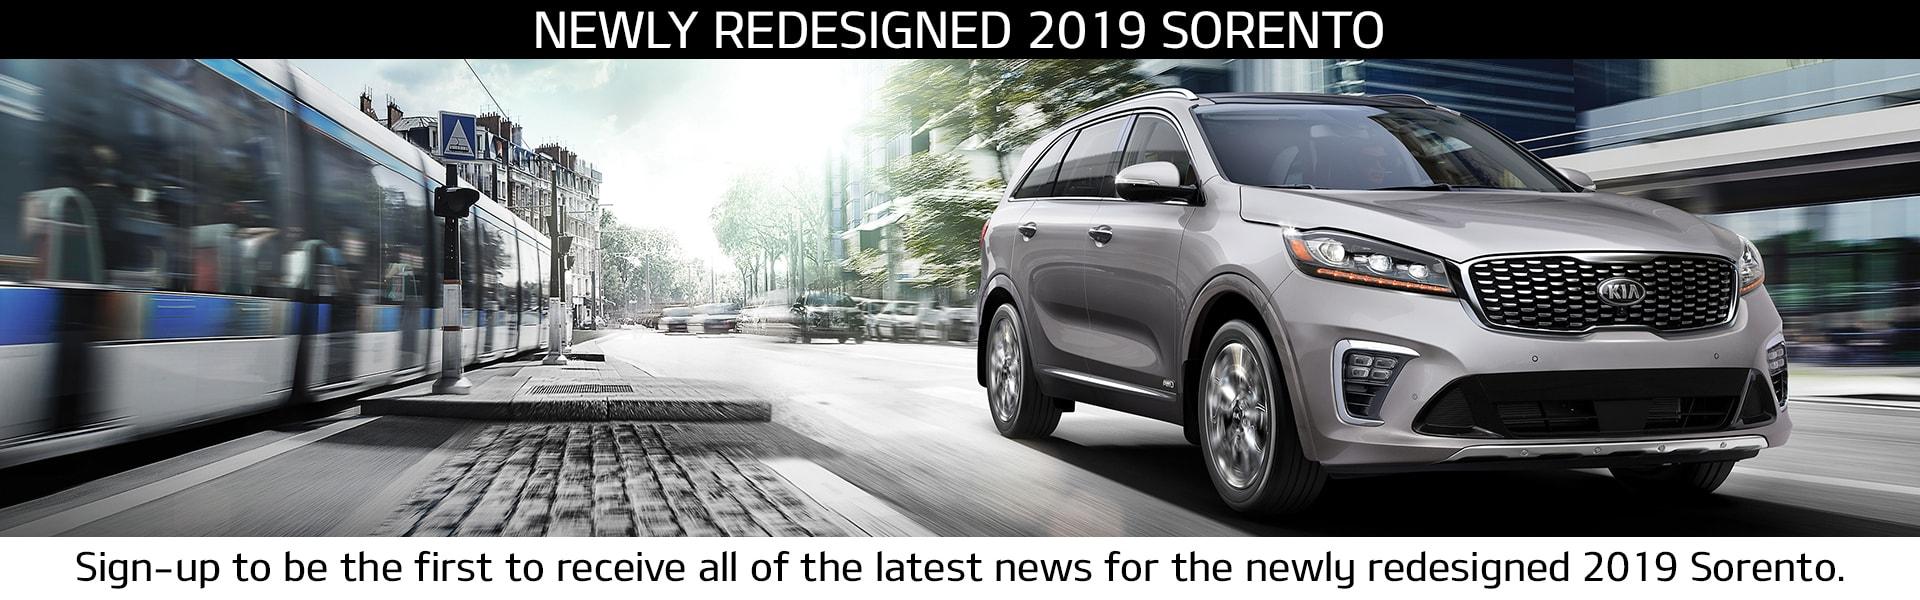 2019 Sorento Coming Soon